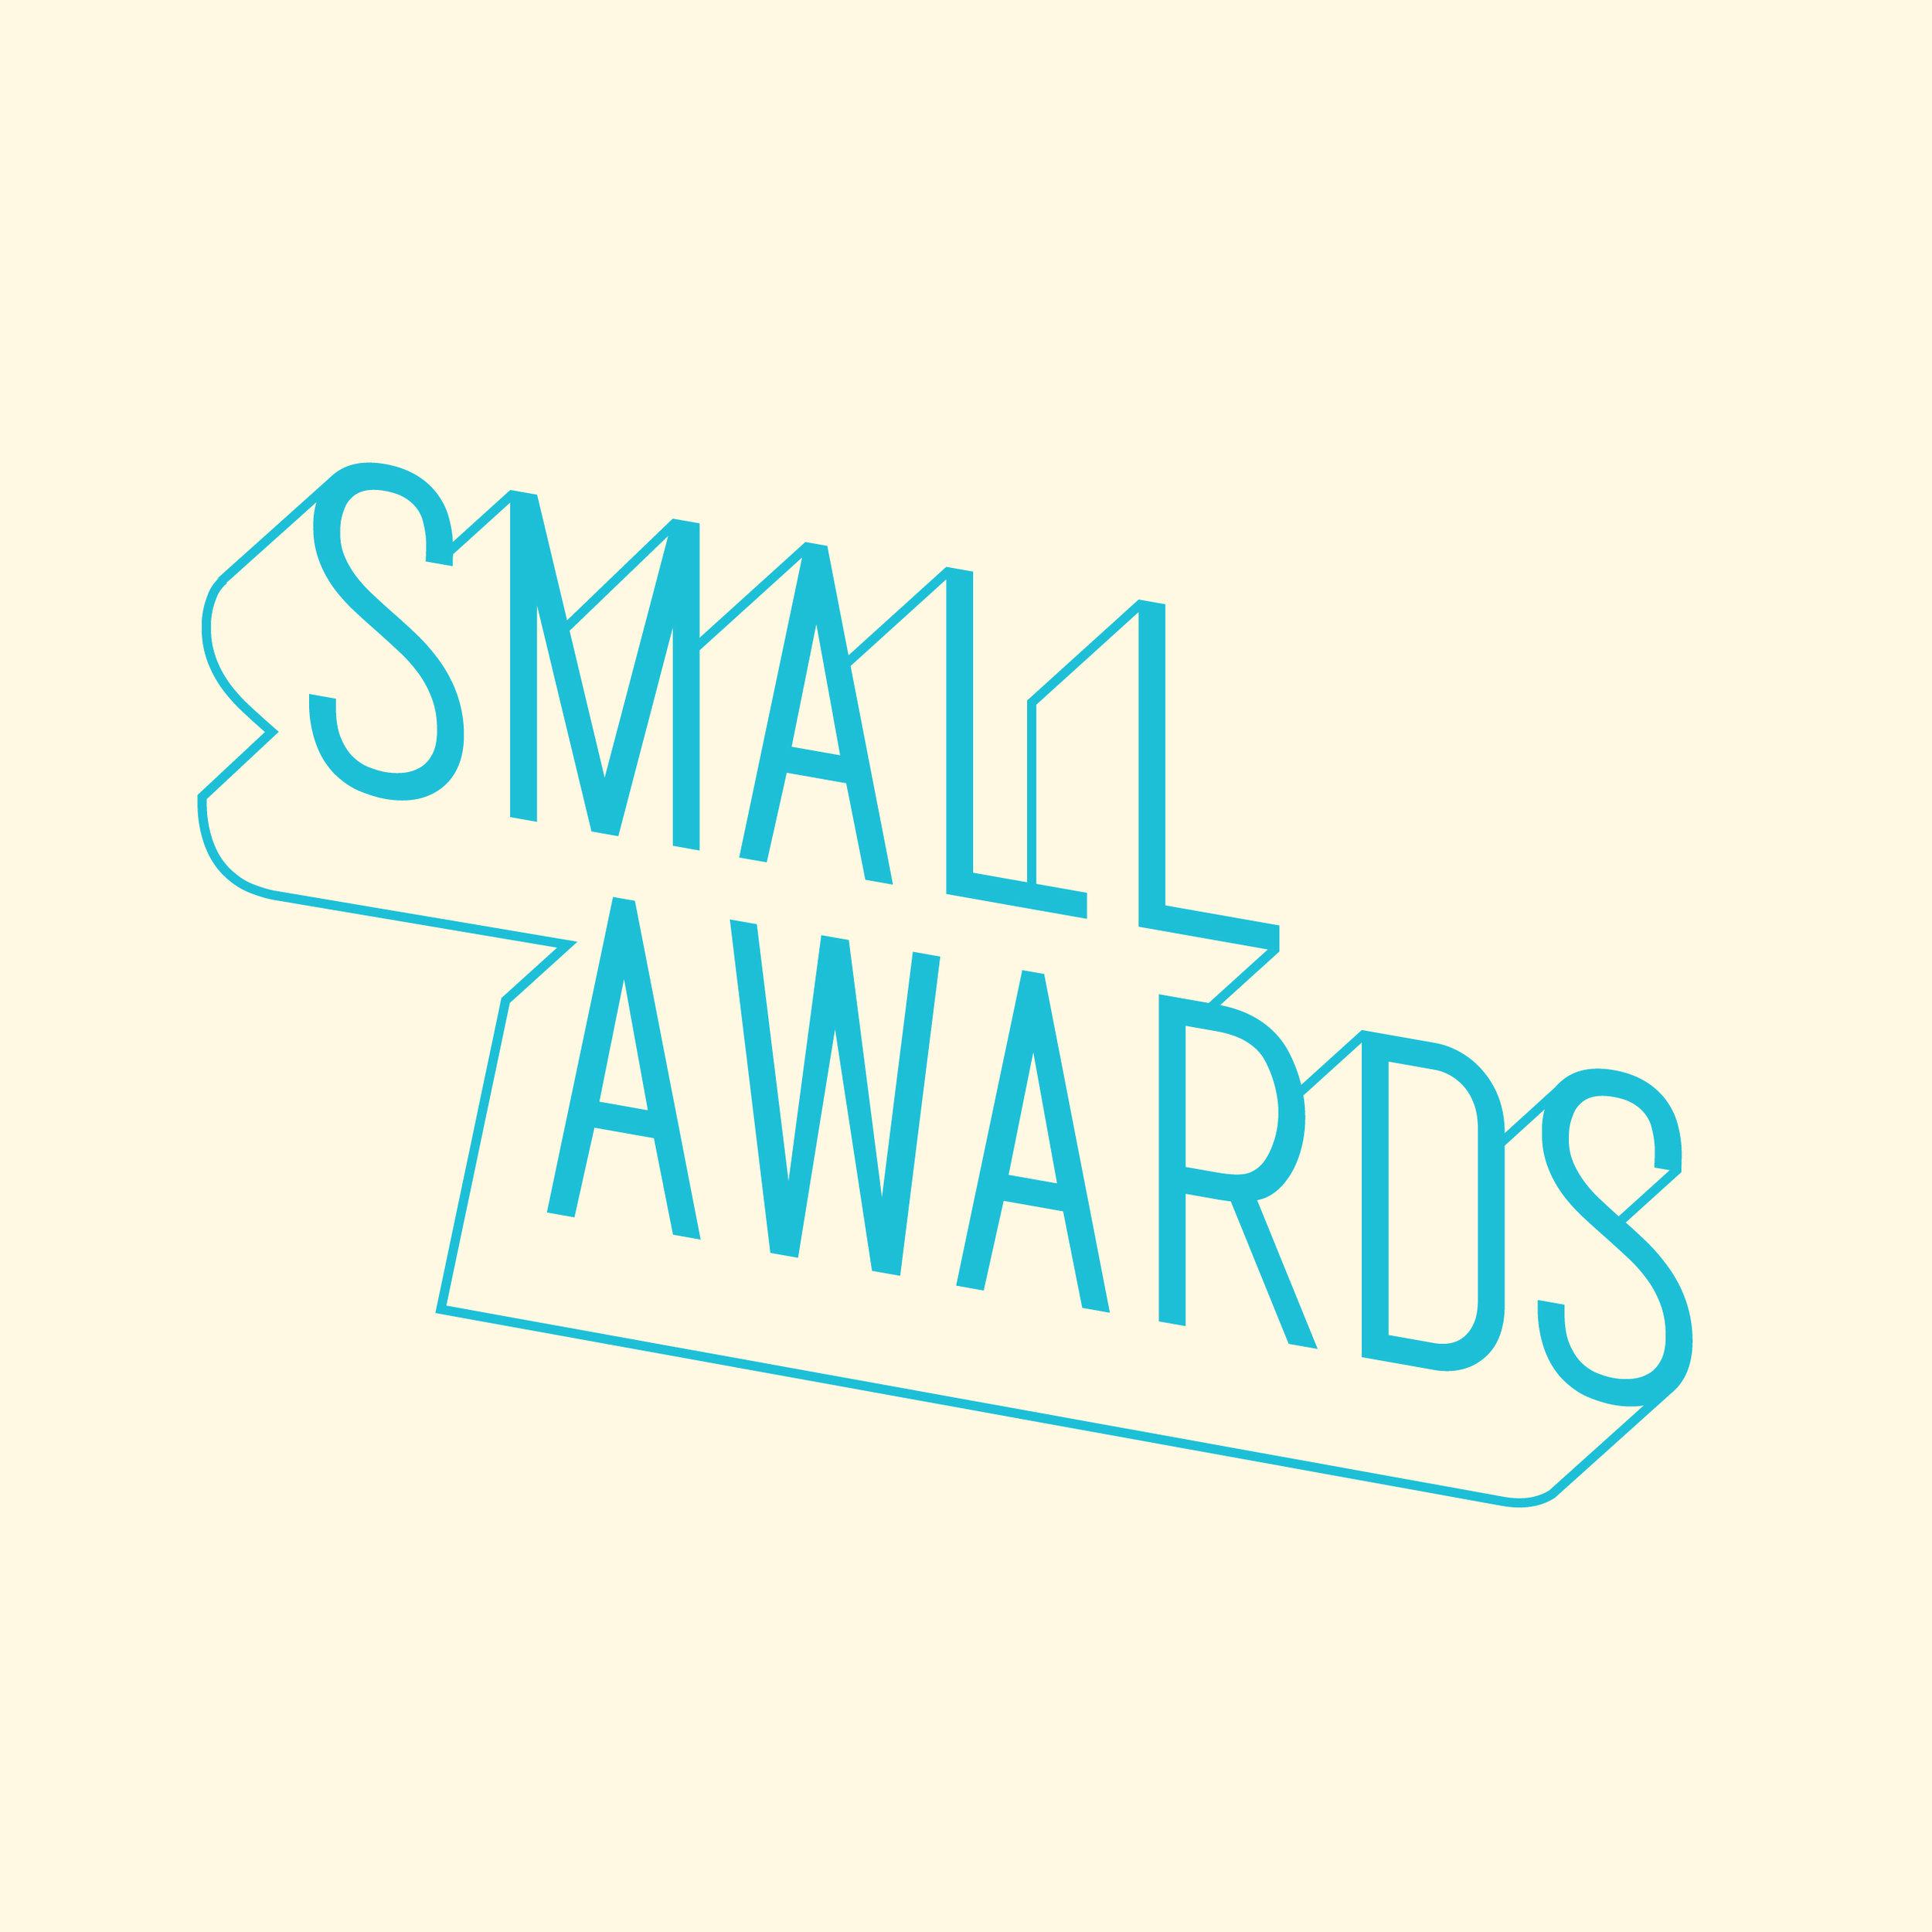 small awards logo 2.jpg